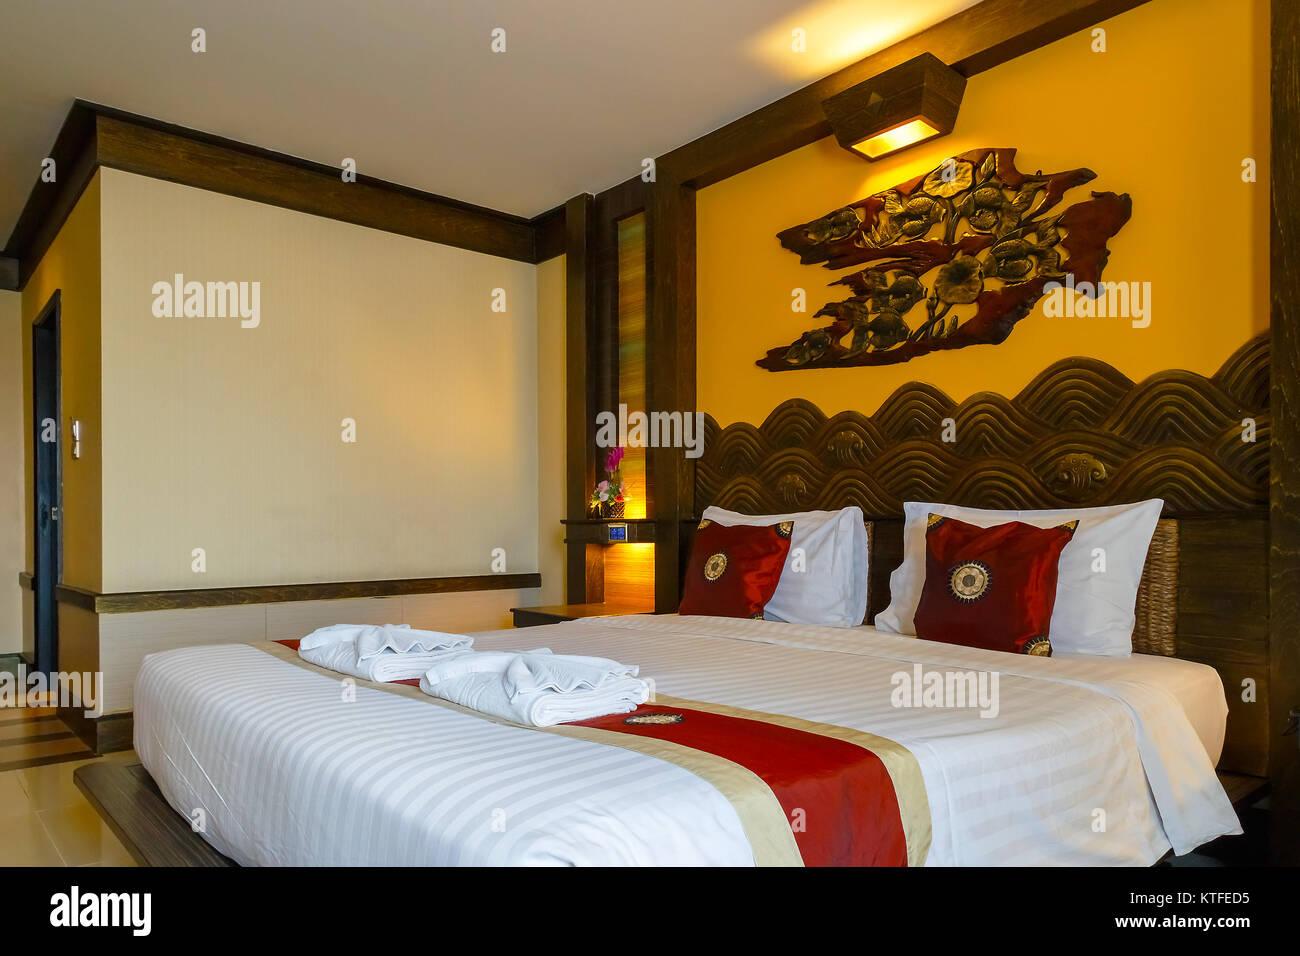 BANGKOK, THAILAND - NOVEMBER 4 2016: Interior of a bedroom